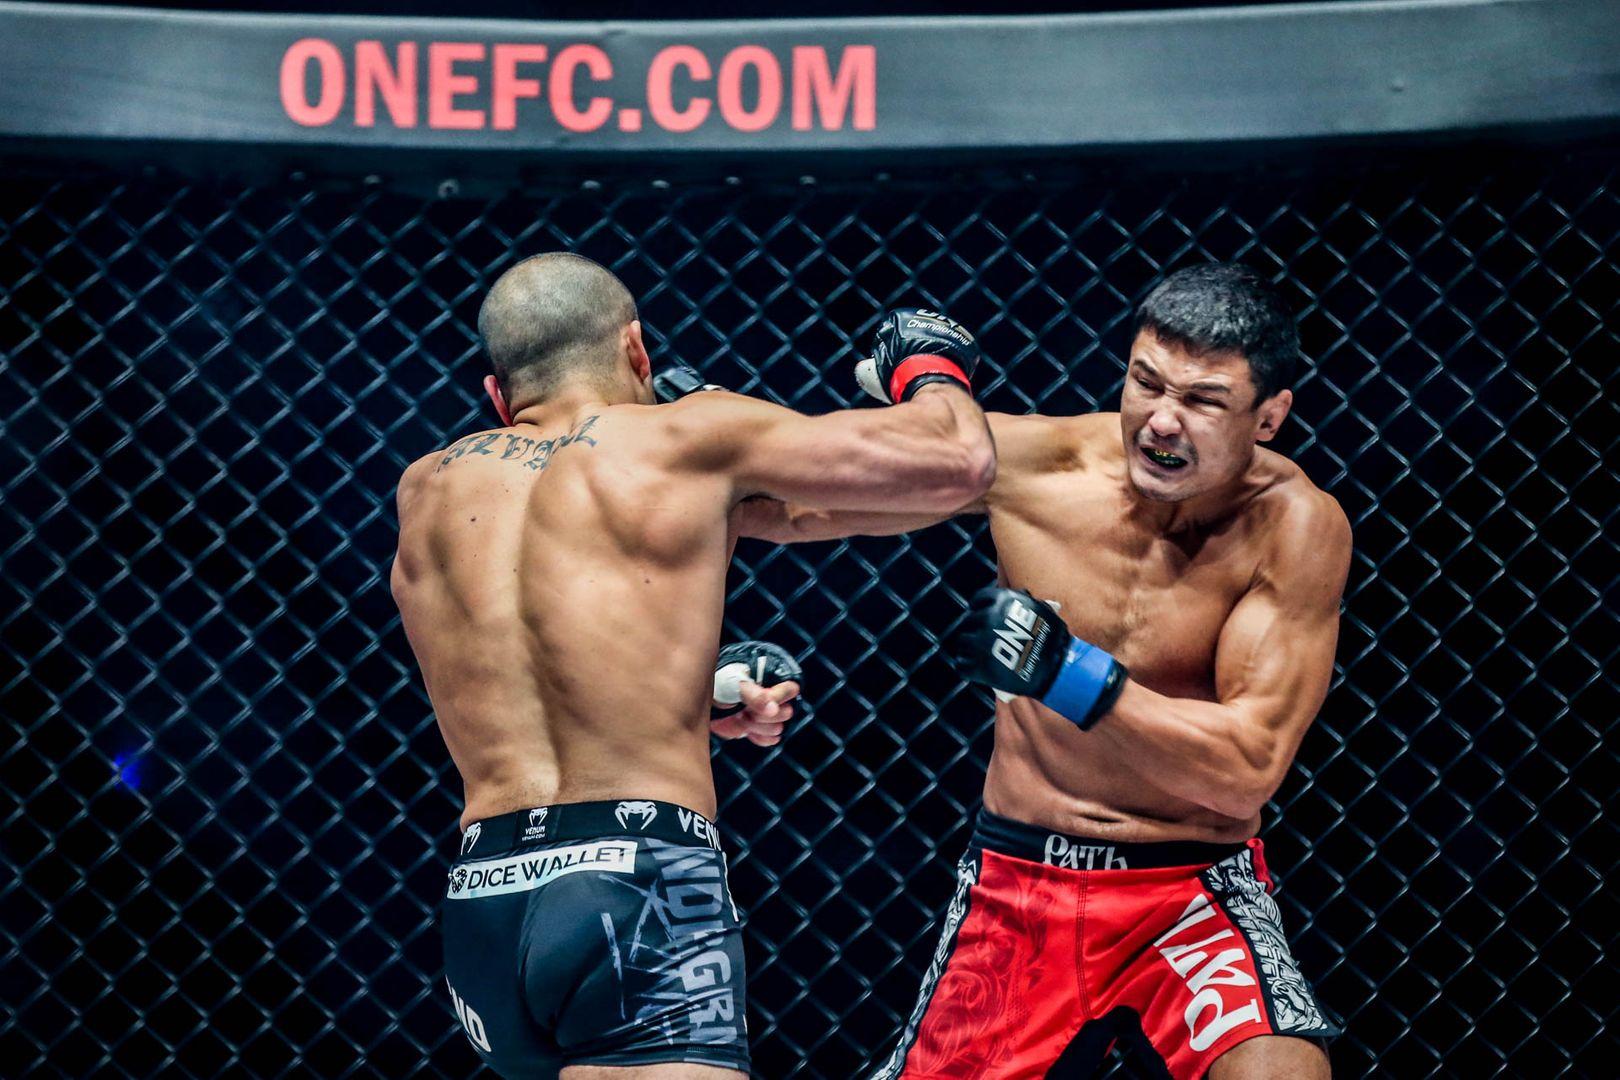 Russian mixed martial arts star Timofey Nastyukhin knocks out Eddie Alvarez